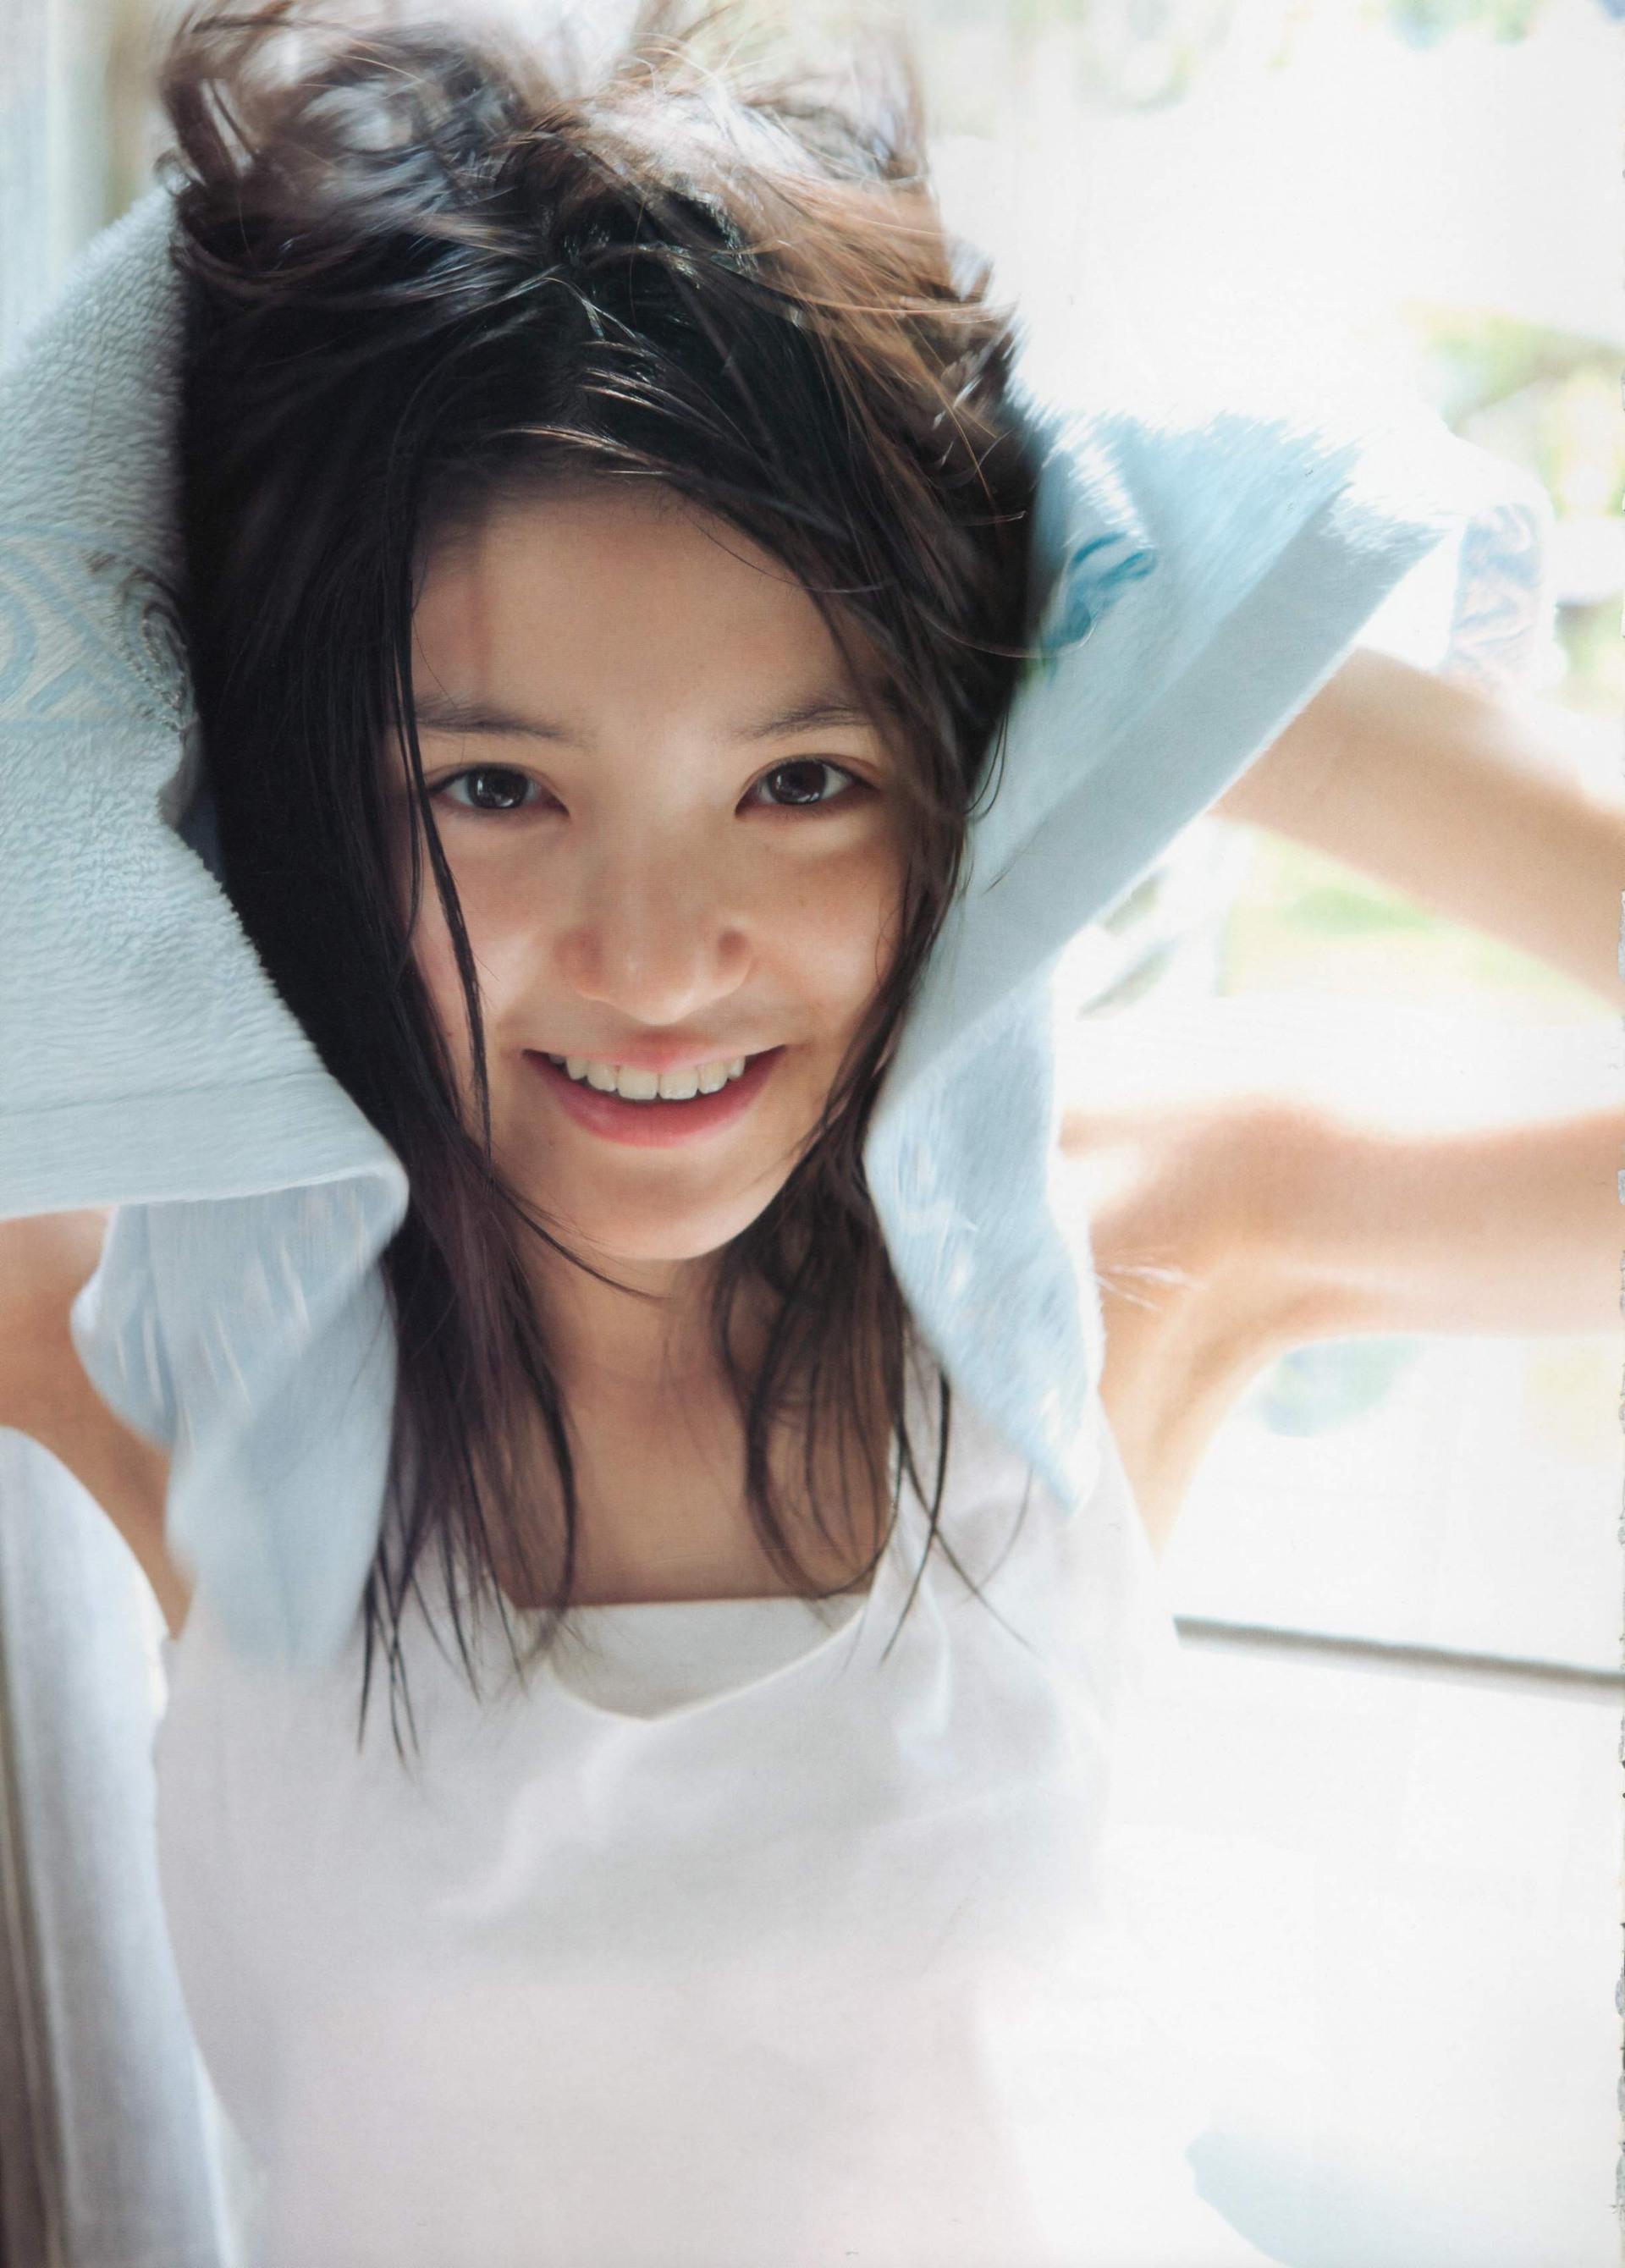 黒髪美少女の川島海荷の水着姿が天使としか思えないよ(*´▽`*)ww×35P 表紙